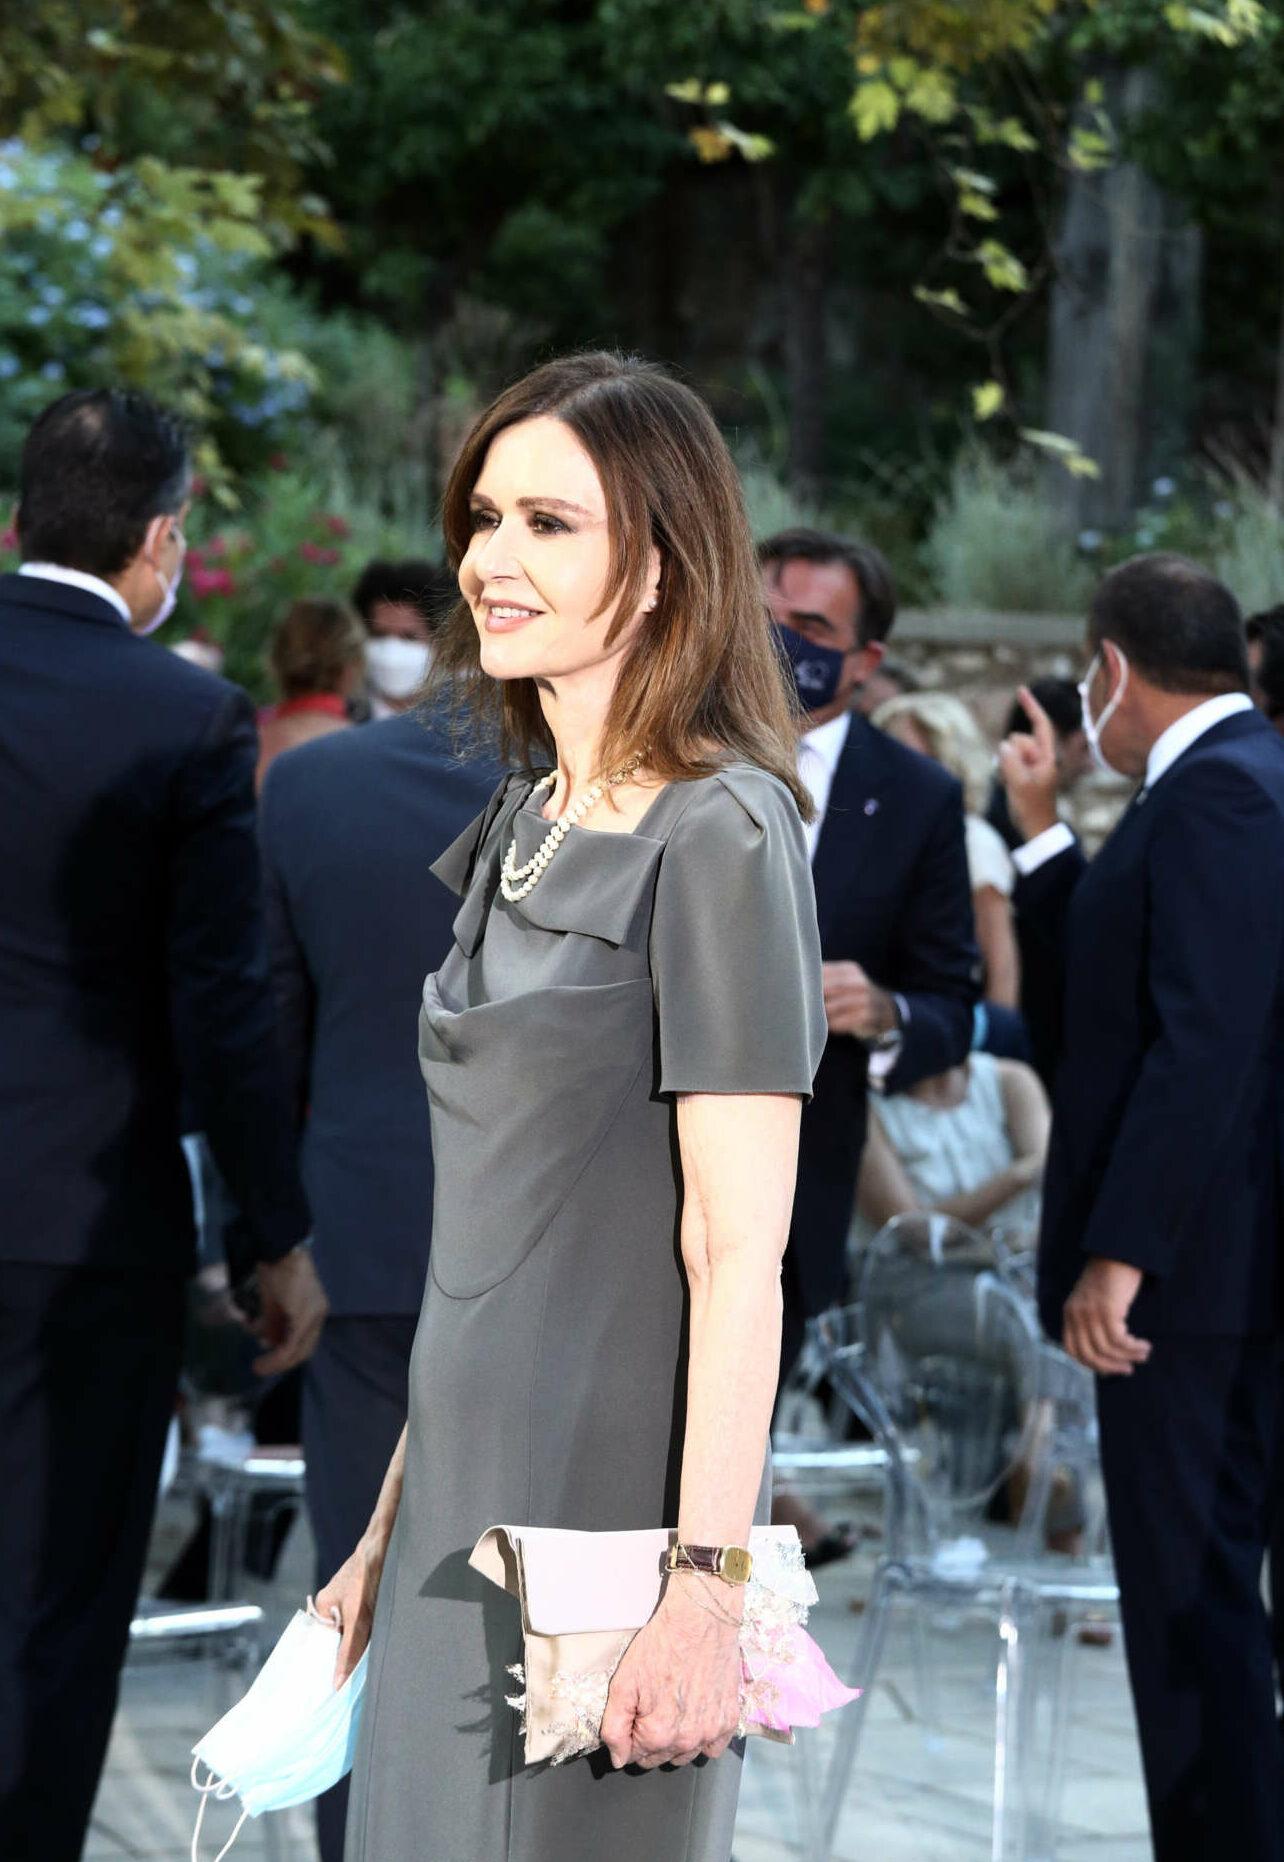 Η ηθοποιός Κάτια Δανδουλάκη στον κήπο του Προεδρικού Μεγάρου